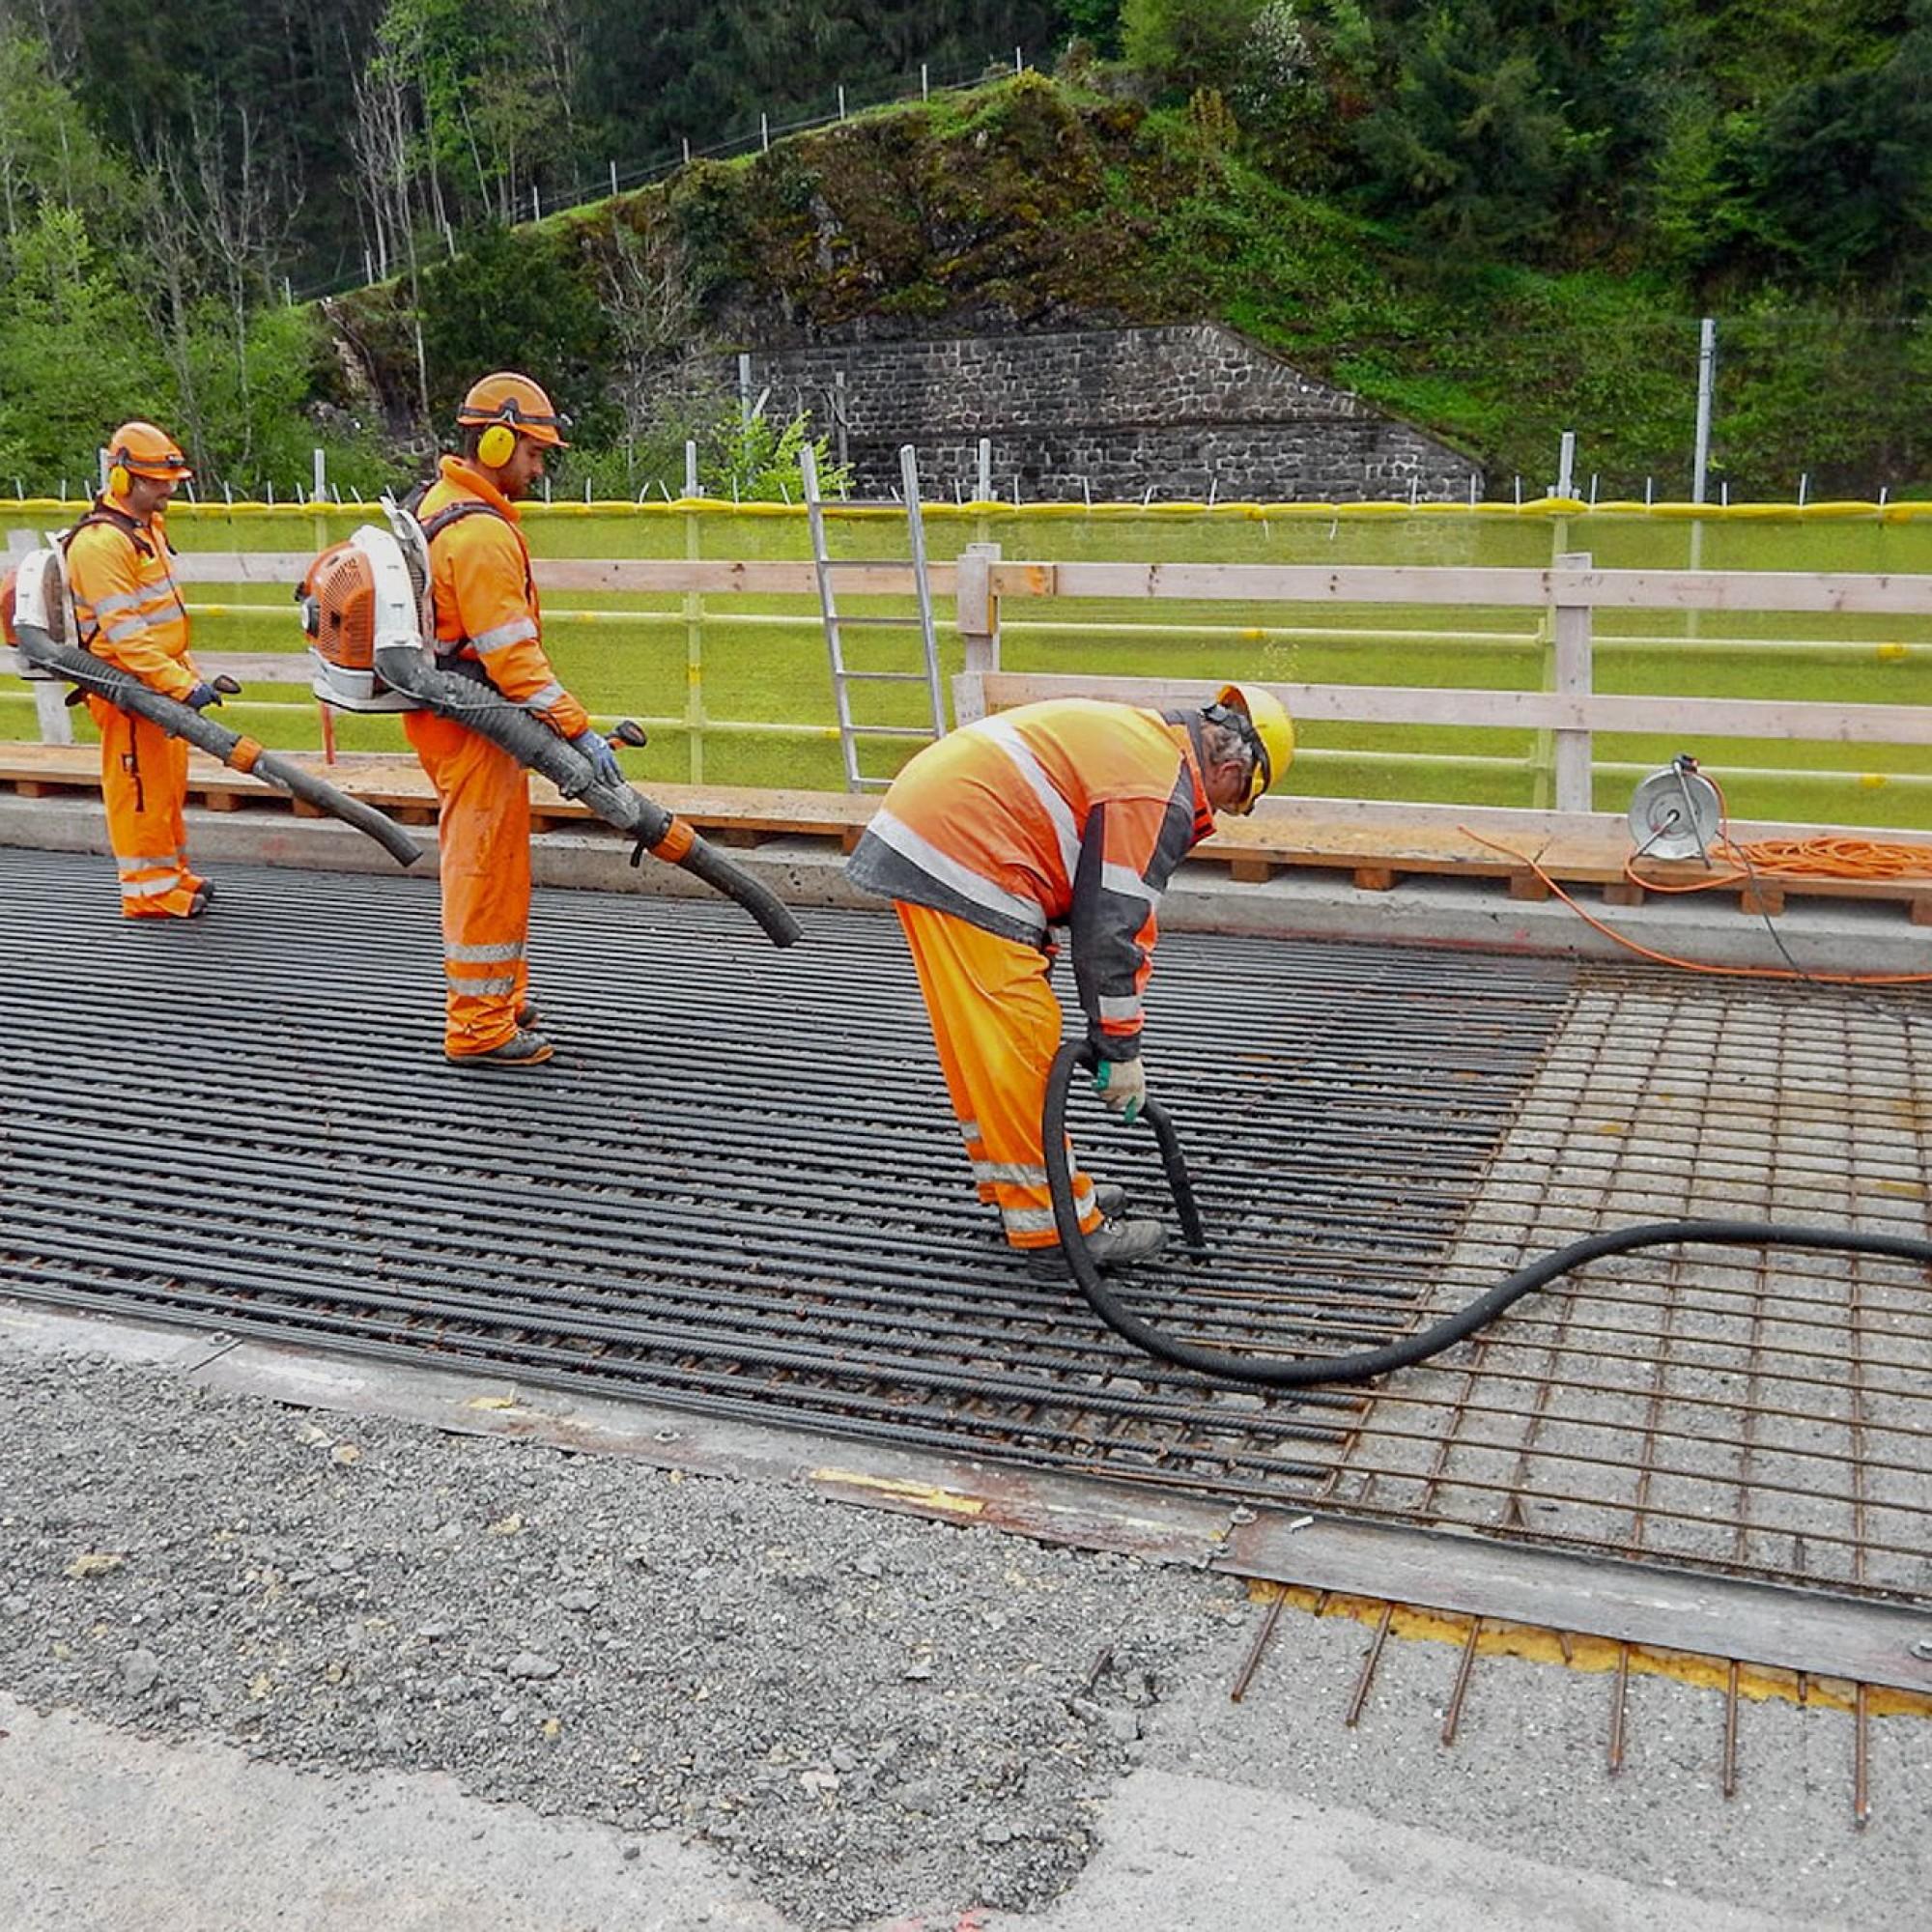 Vor dem Einbringen des UHFB: Das Wasser, womit die Betonplatte angefeuchtet wurde, muss restlos entfernt werden.